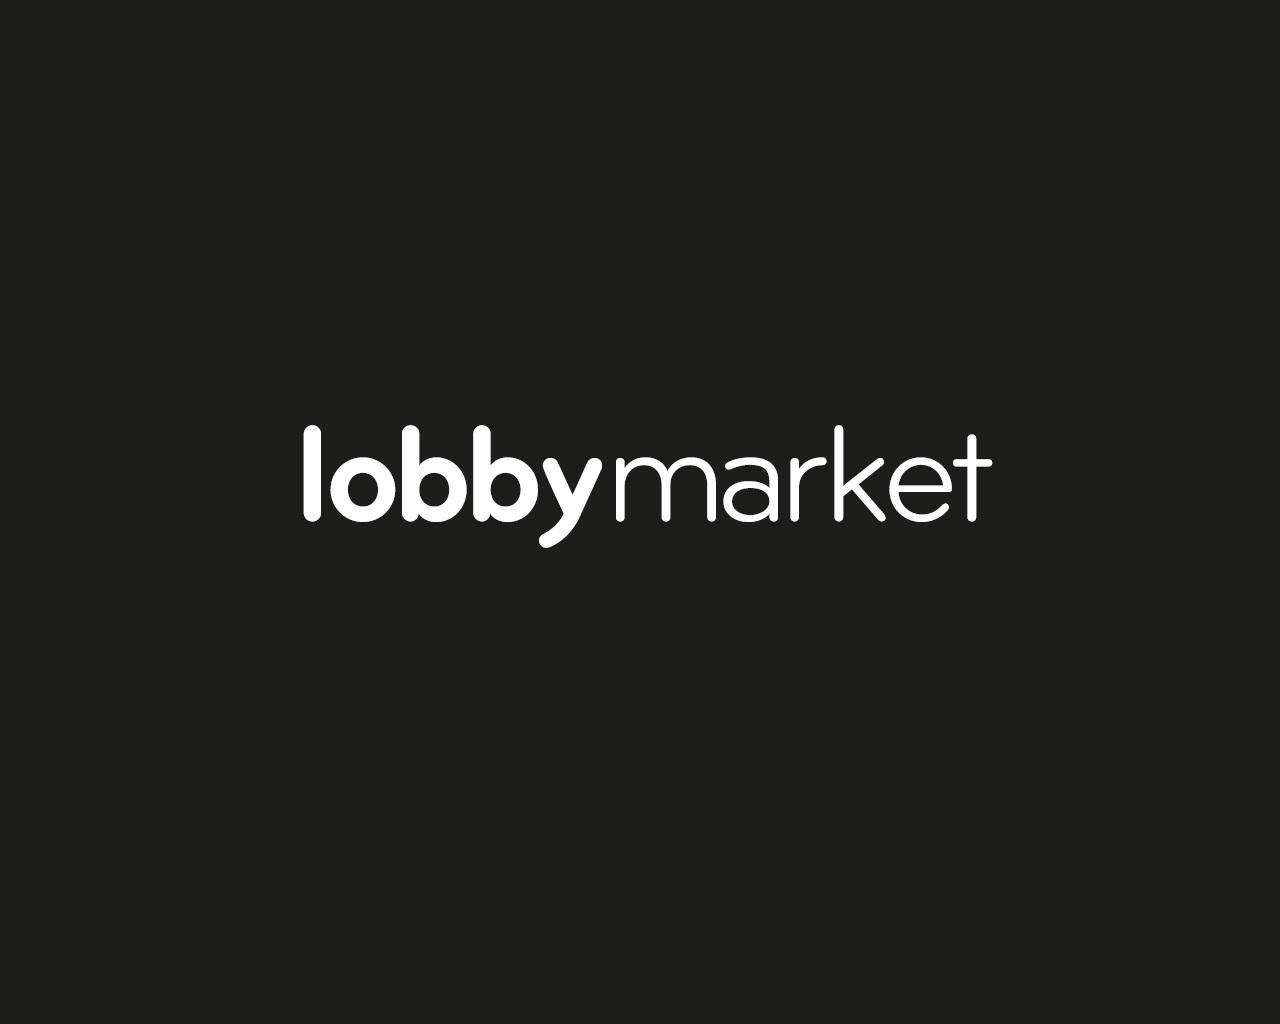 lobby market